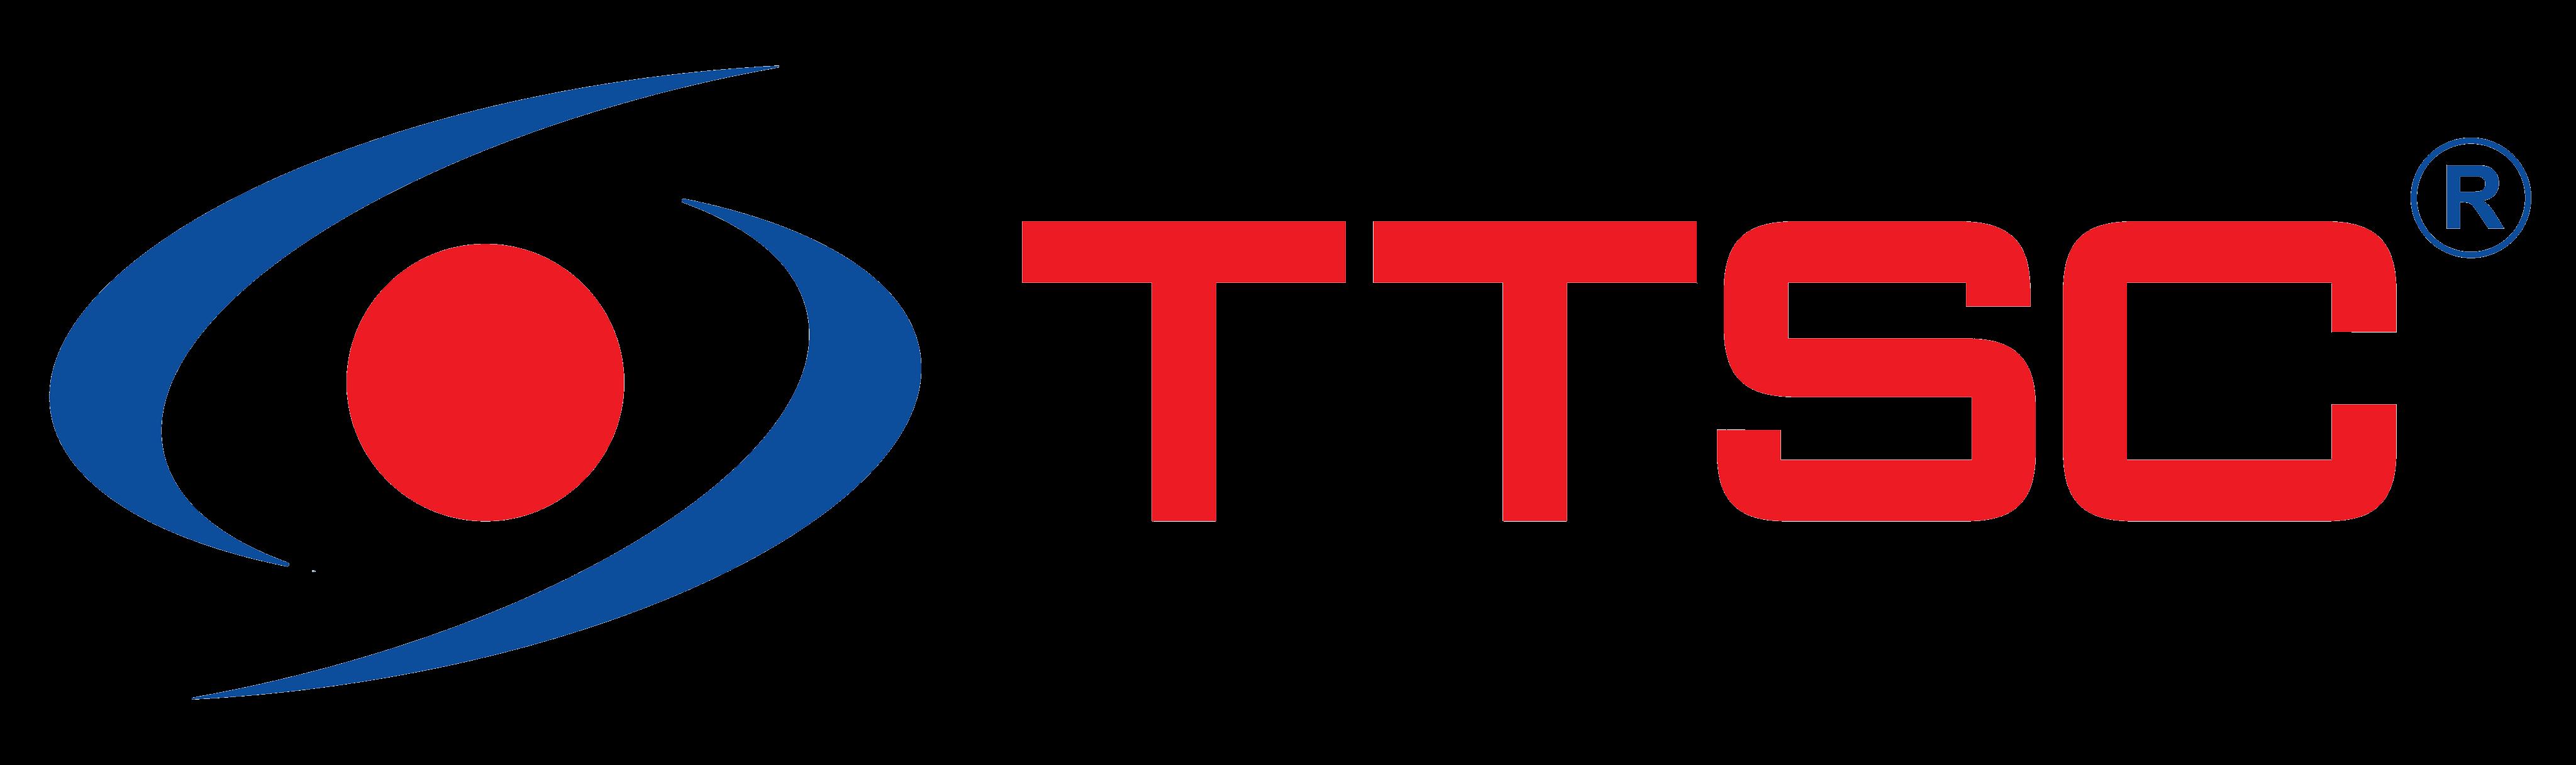 Logo Công ty Cổ phần T.T.S.C